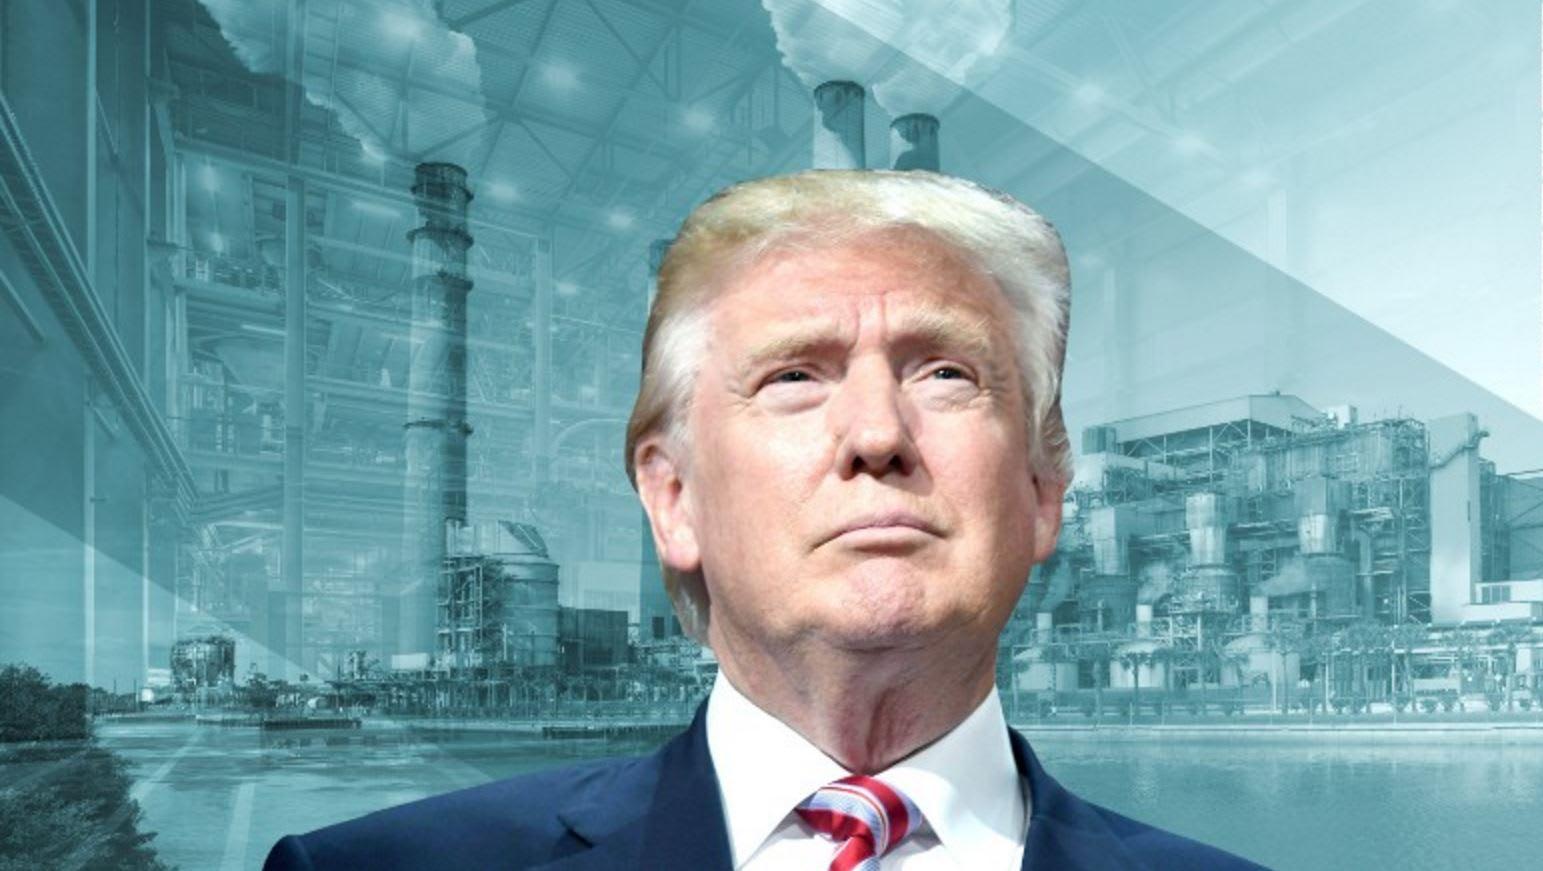 ترامب يكشف عما يخططه لأمريكا خلال أول 100 يوم من ولايته